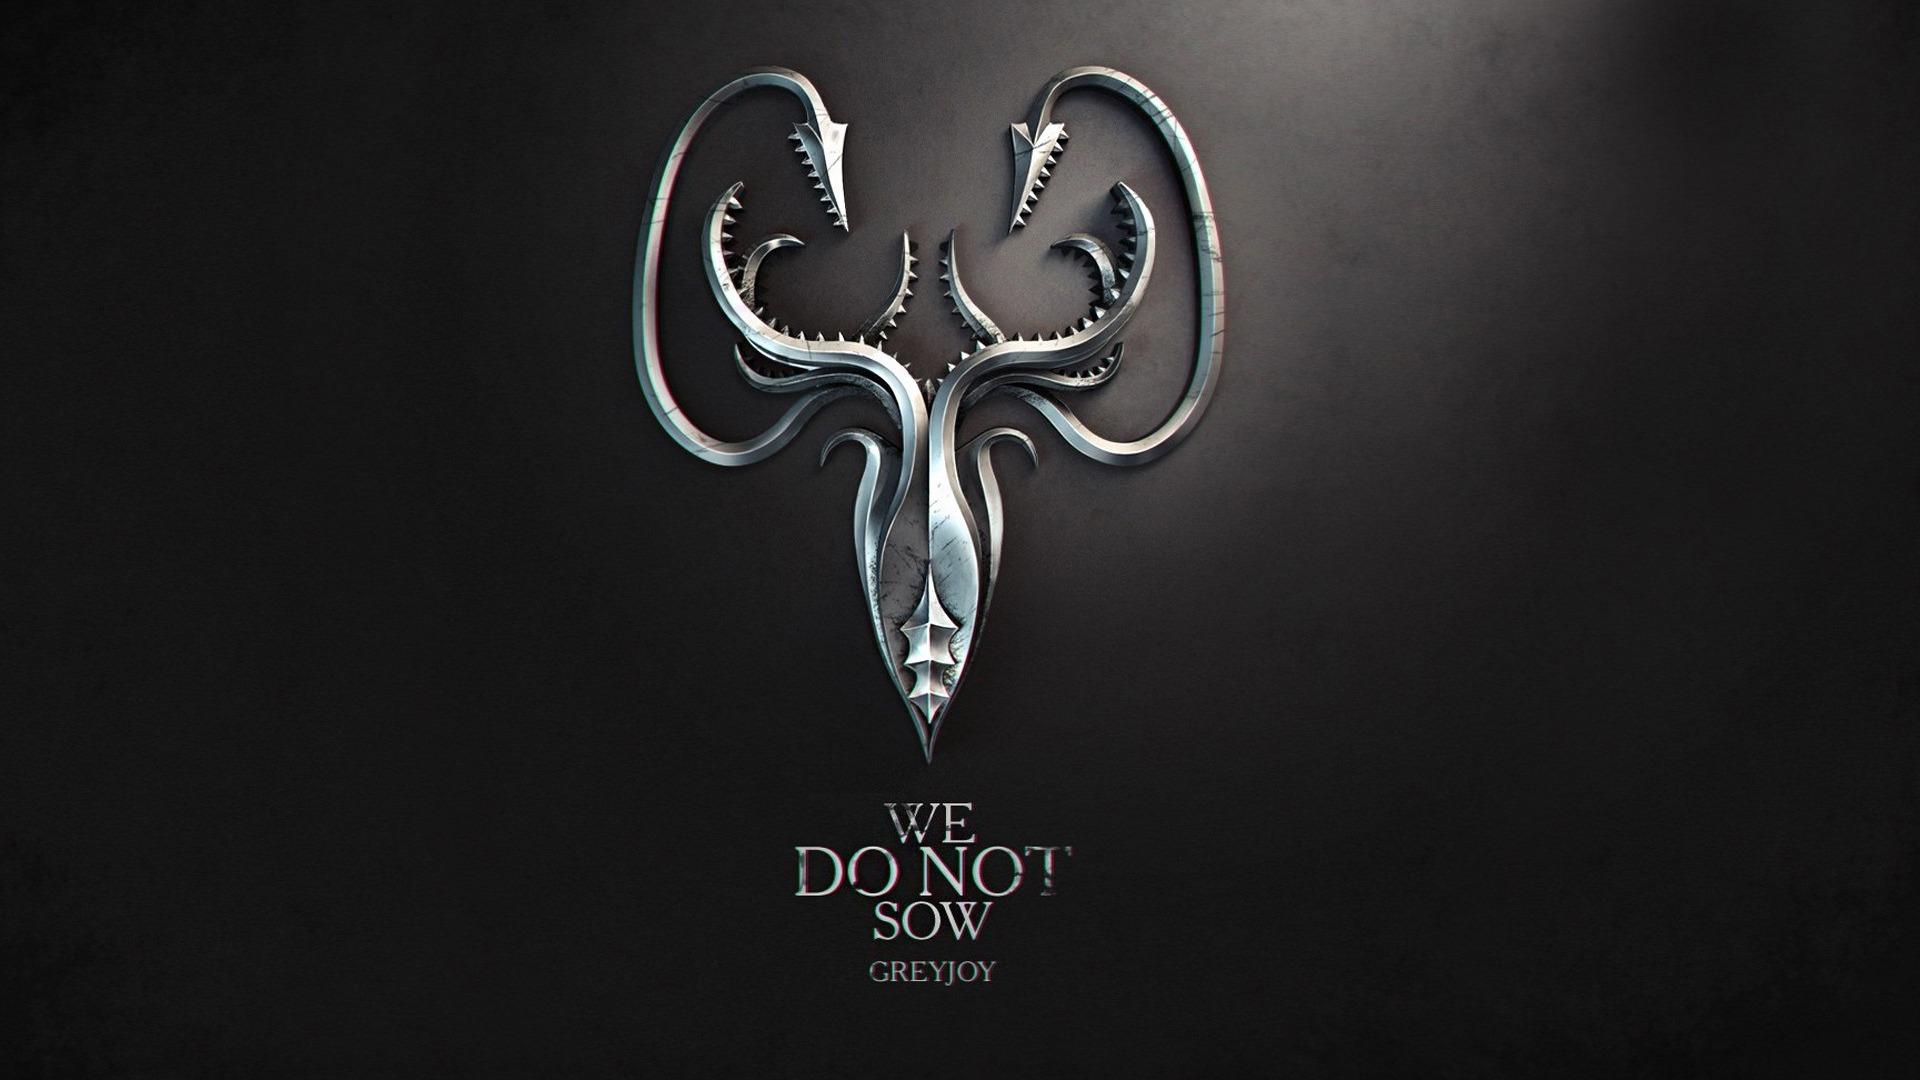 Download Game Of Thrones Desktop Wallpaper Hd Backgrounds